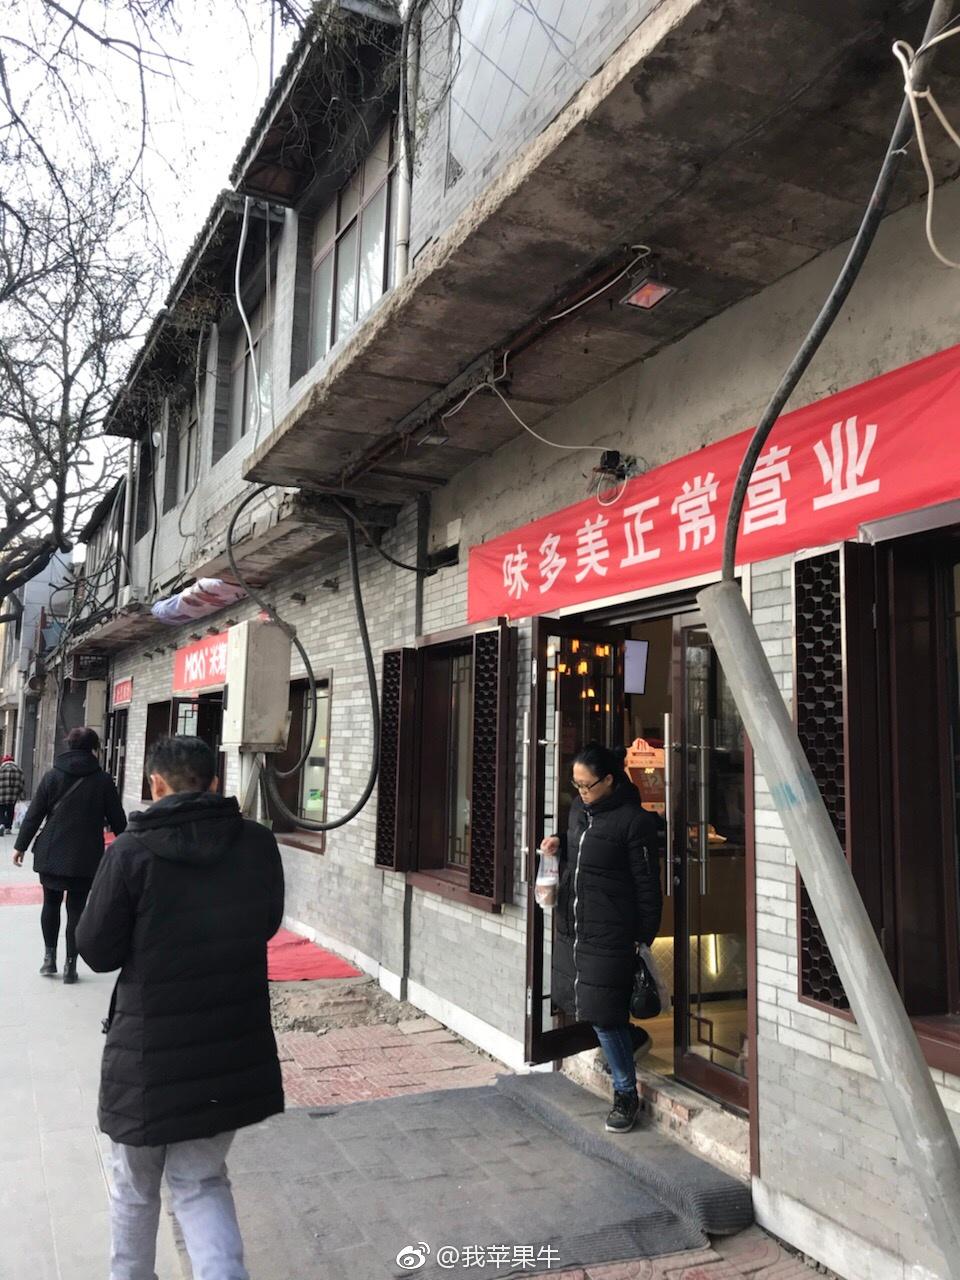 【立此存照】北京天际线:拆光了才想起要做设计规划